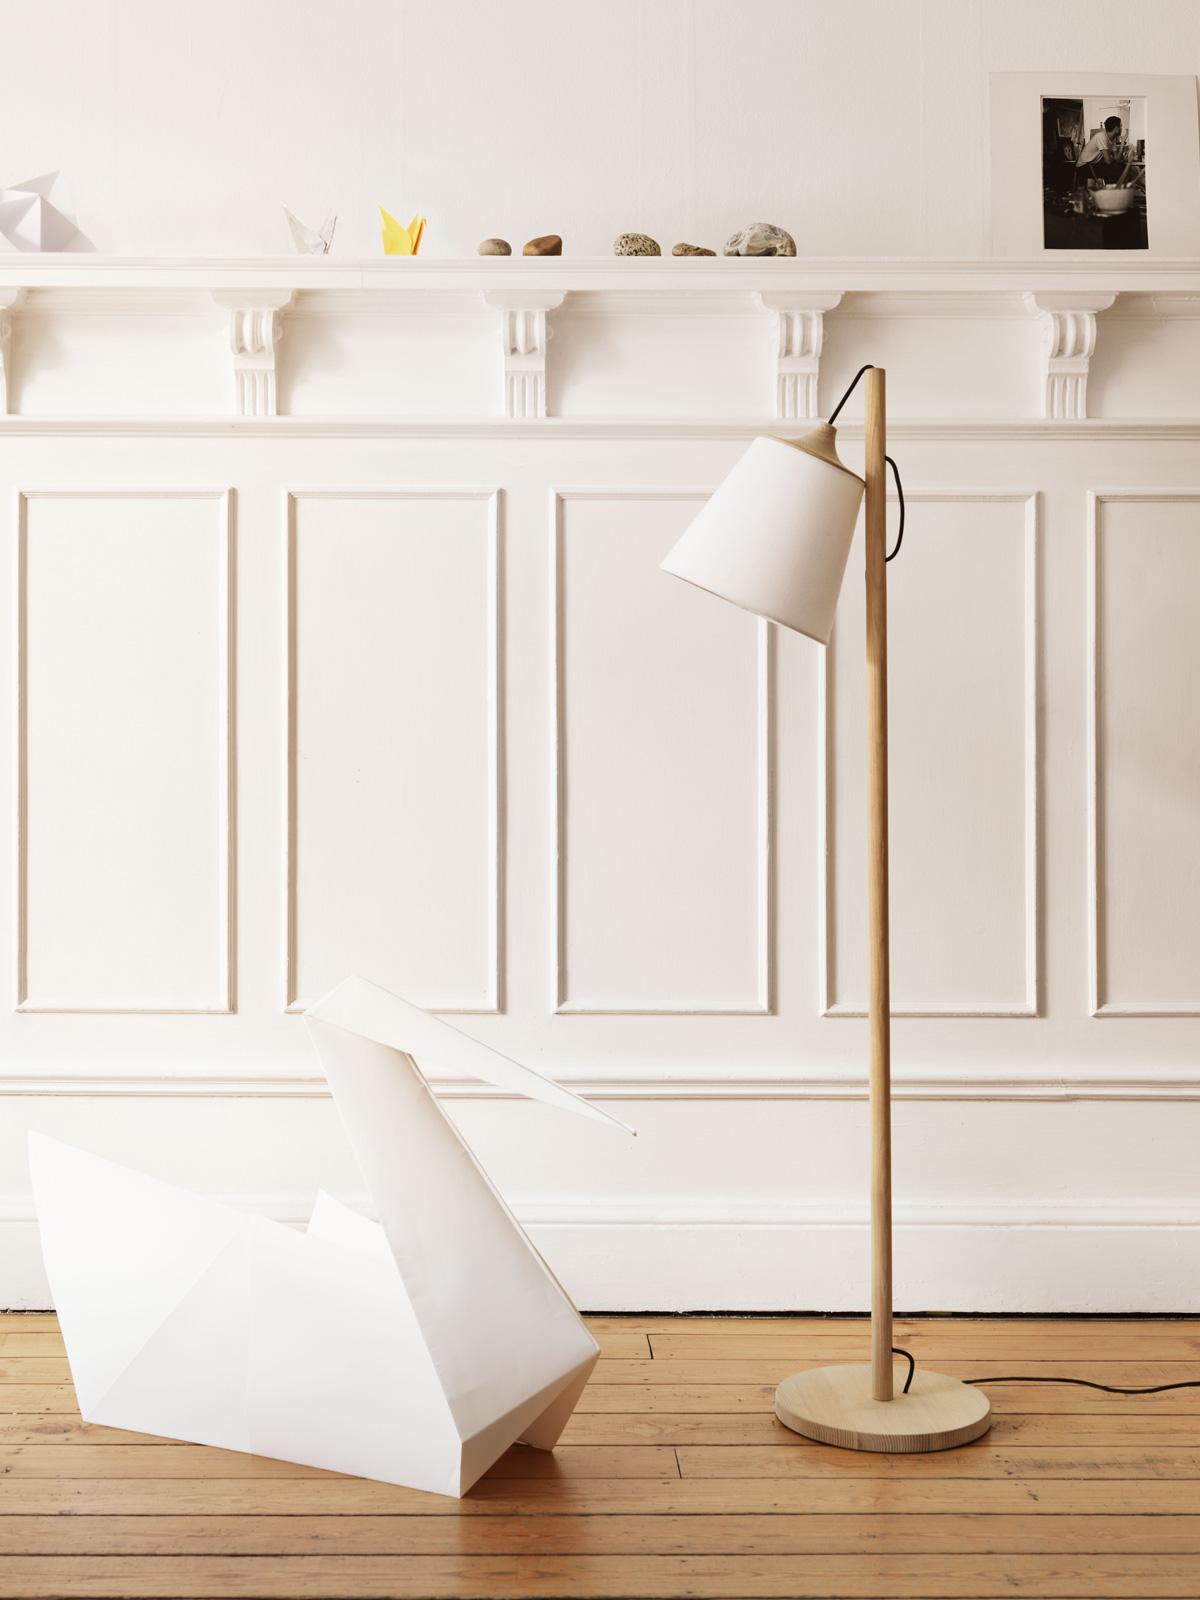 neue lampen leuchten bei designort lampen leuchten designerleuchten online berlin design. Black Bedroom Furniture Sets. Home Design Ideas